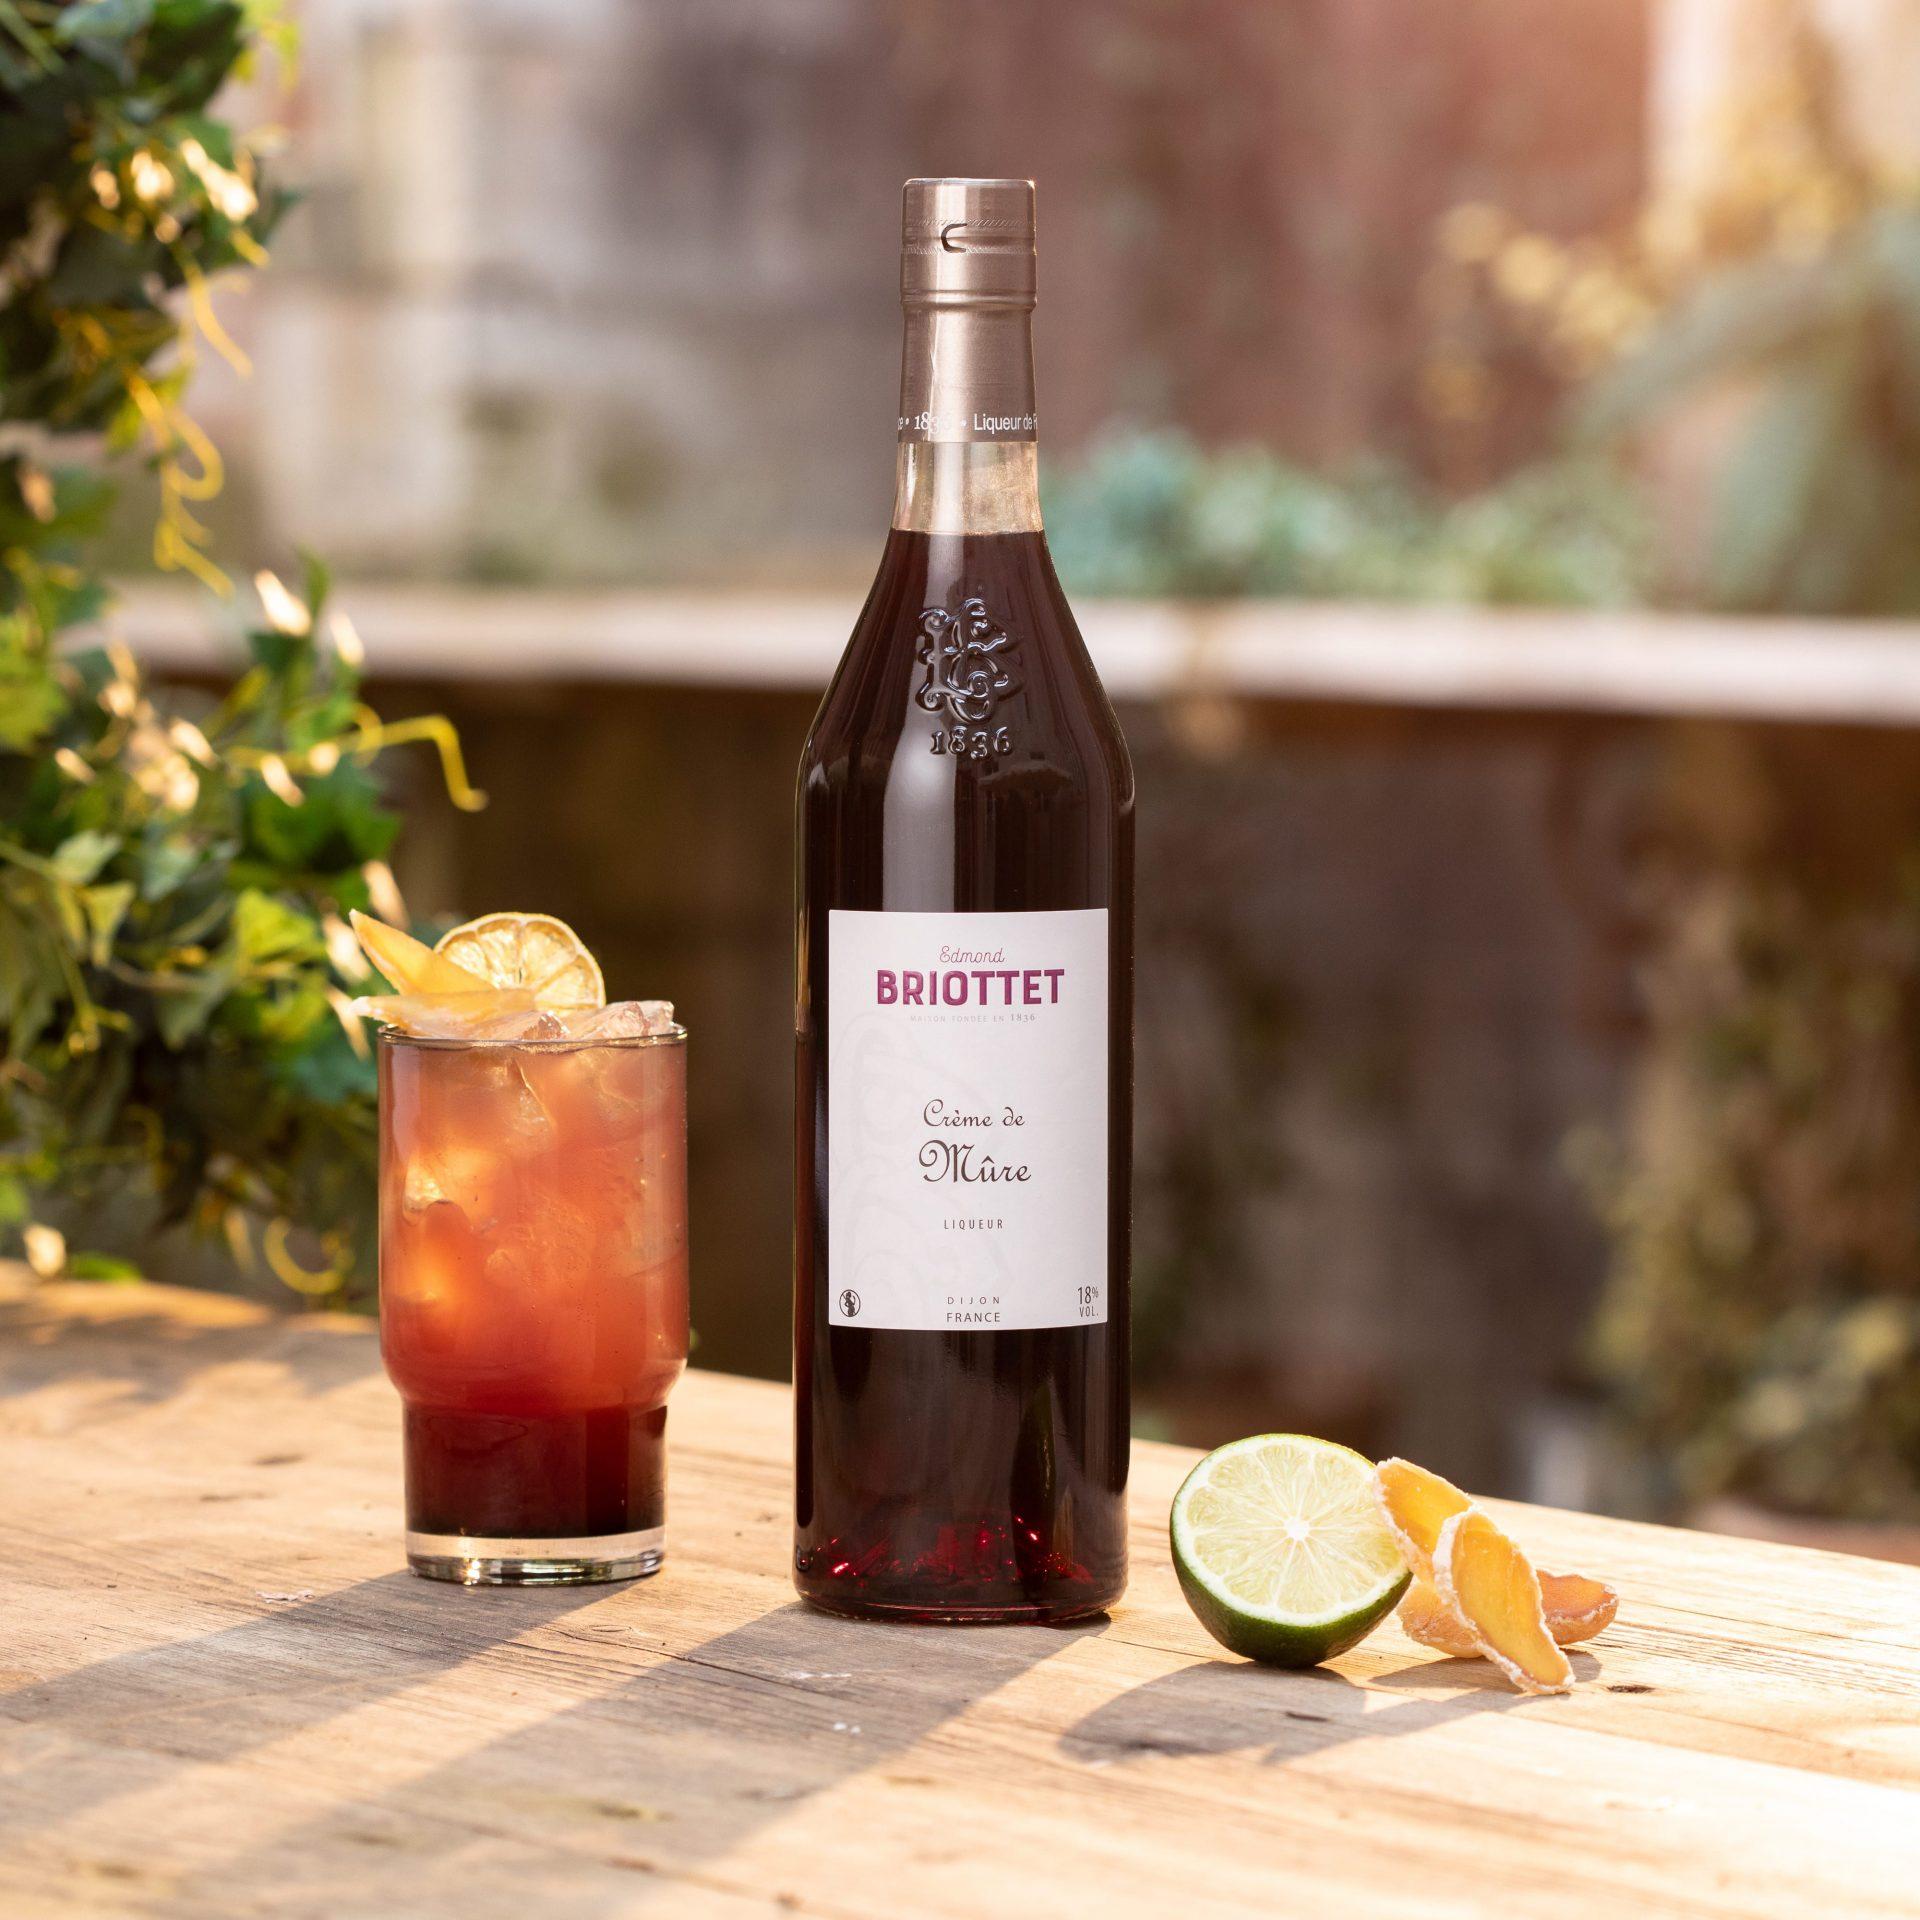 09-Briottet Cocktails 2021 - Black Berry Mule - HD - Antoine Martel - Photographe (1)